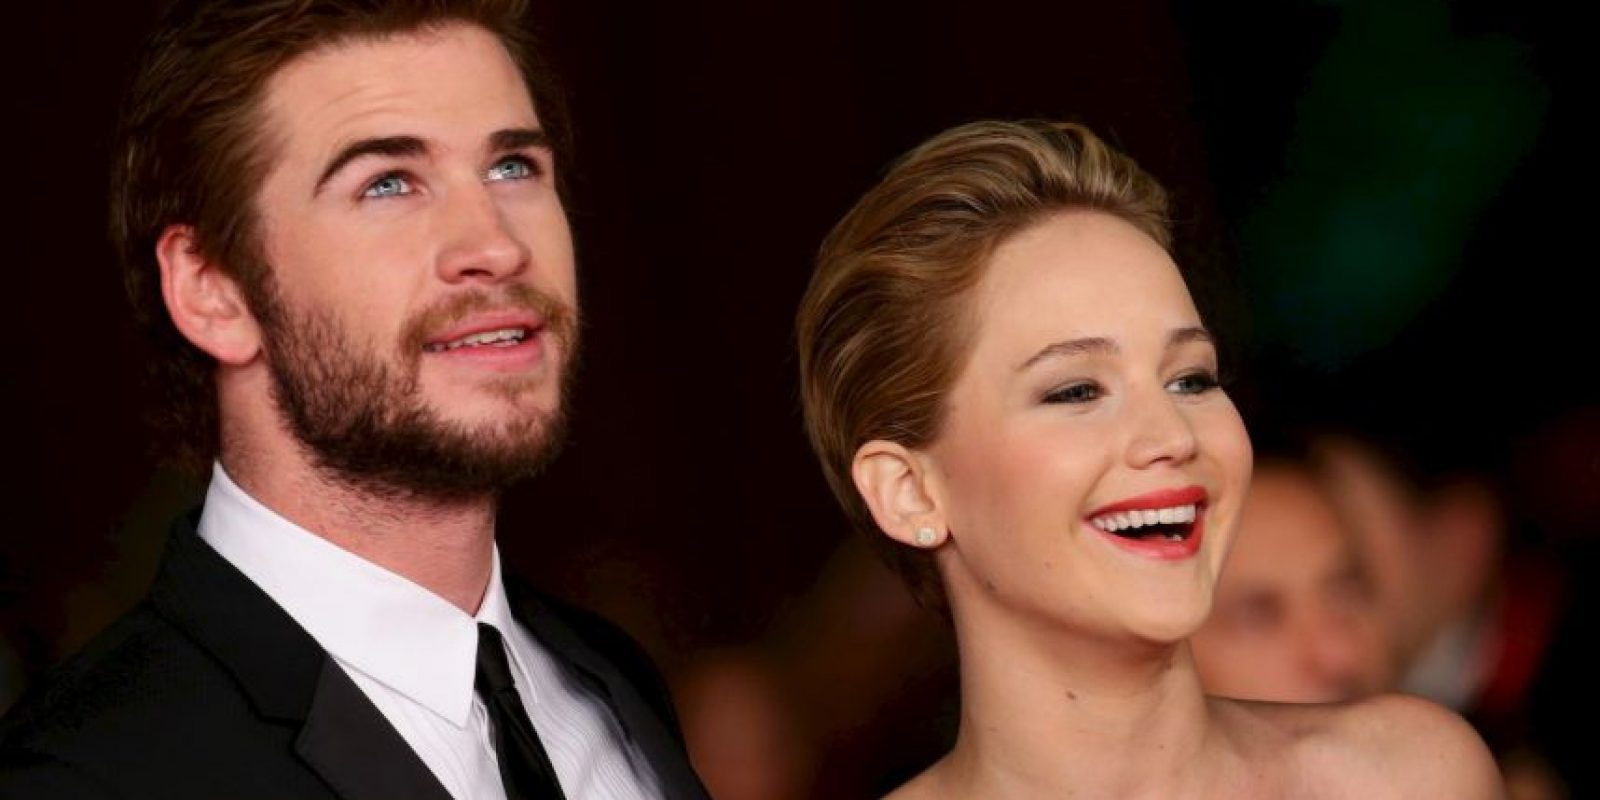 """Liam Hemsworth confesó que, a pesar de mantener una gran amistad con ella, odiaba besarla en el set de """"Los Juegos del Hambre"""" Foto:Getty Images"""